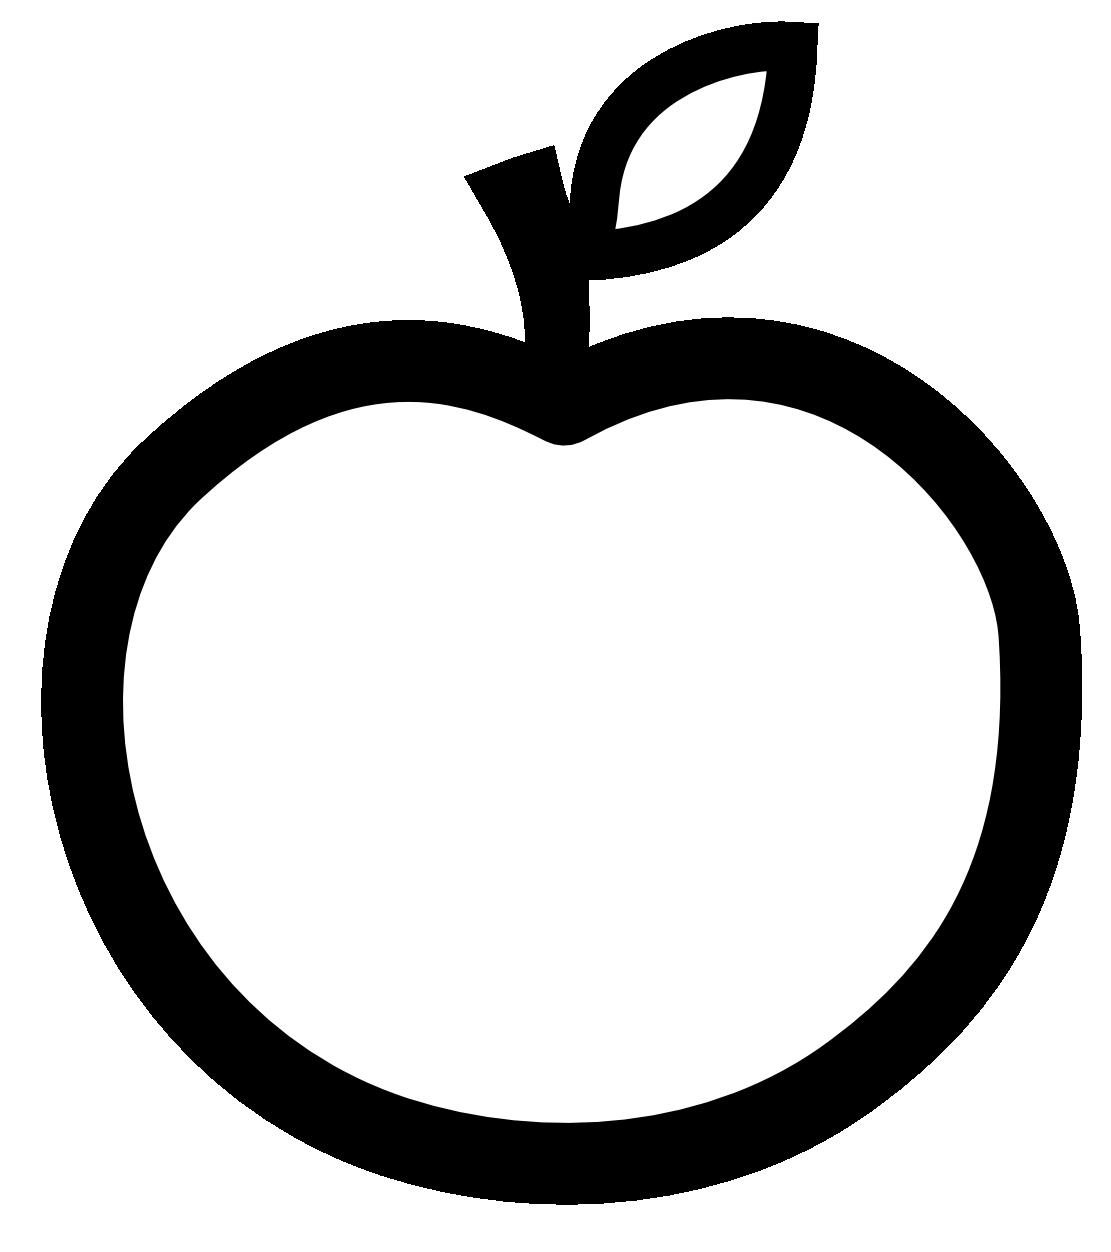 Apples simple